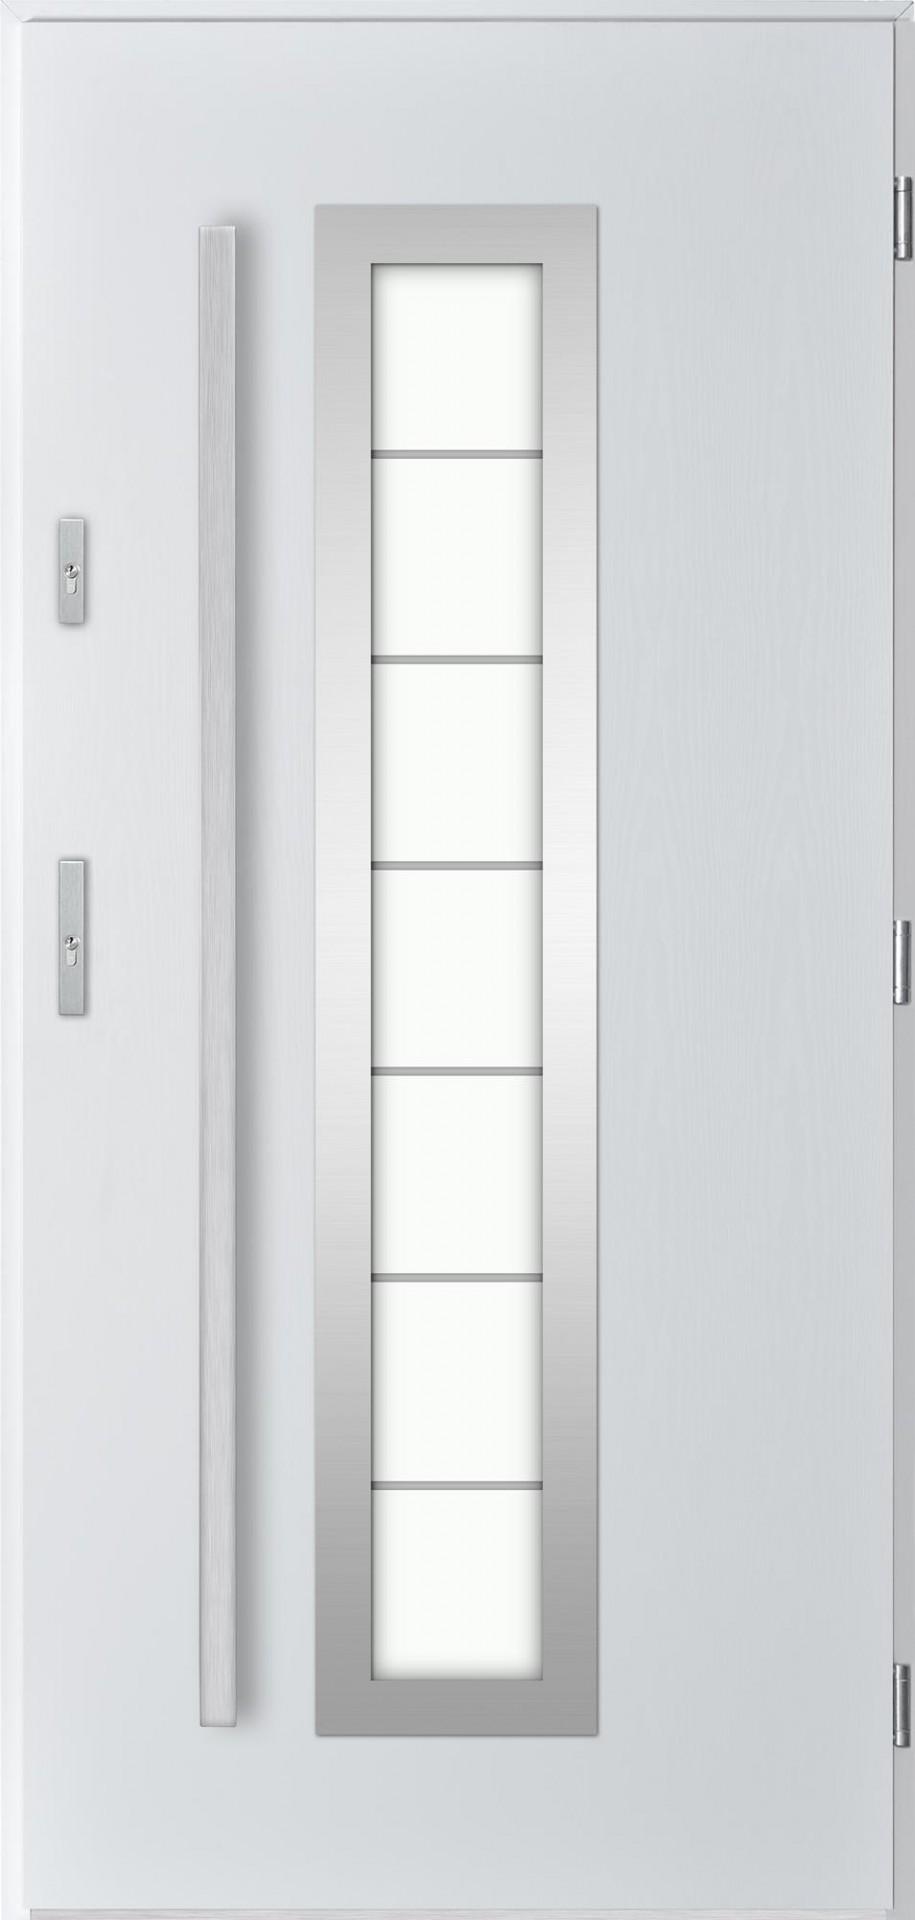 Polstar Hevelius, Typ dveří Superior 55